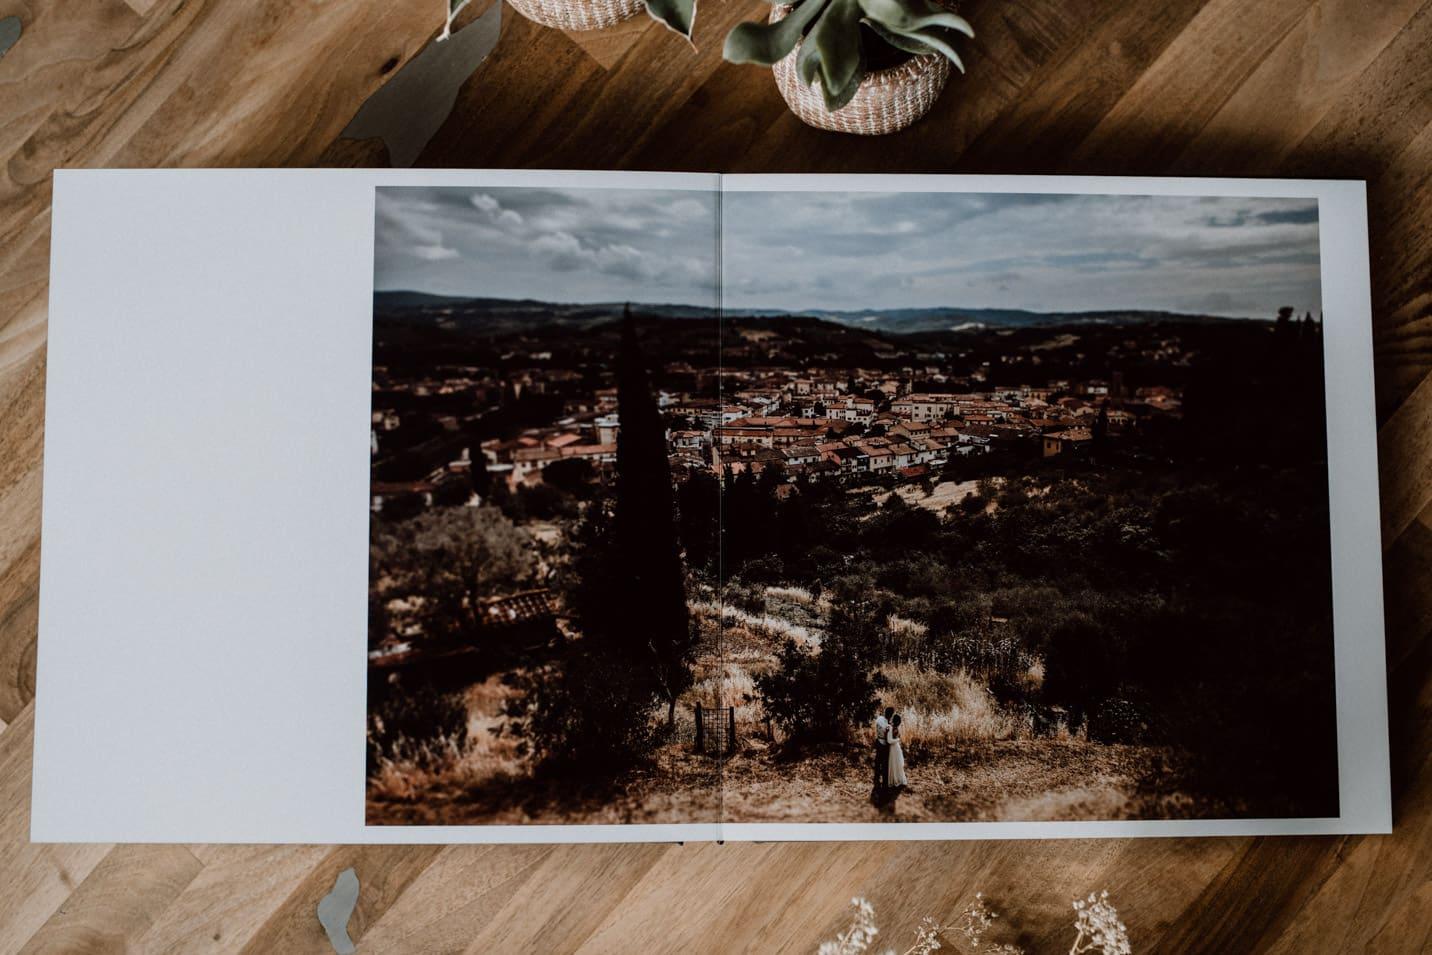 handgefertigte luxeriöse Fotoalben